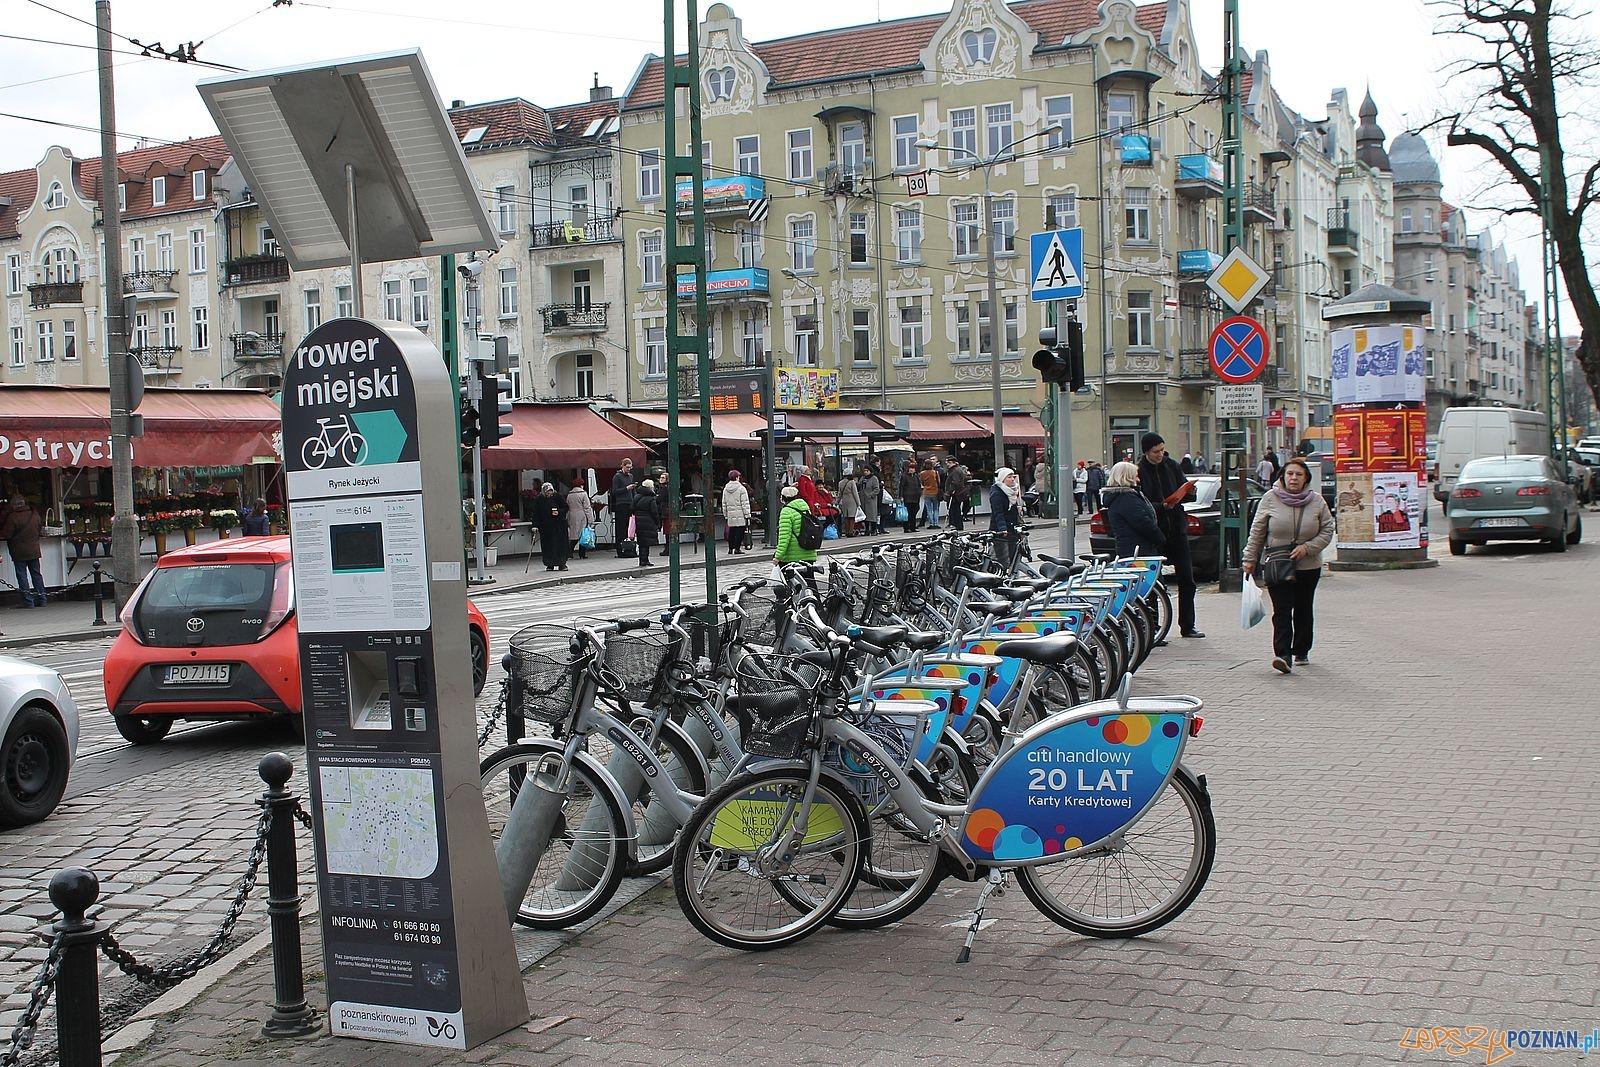 Stacja rowerowa na ul. Kraszewskiego  Foto: Tomasz Dworek